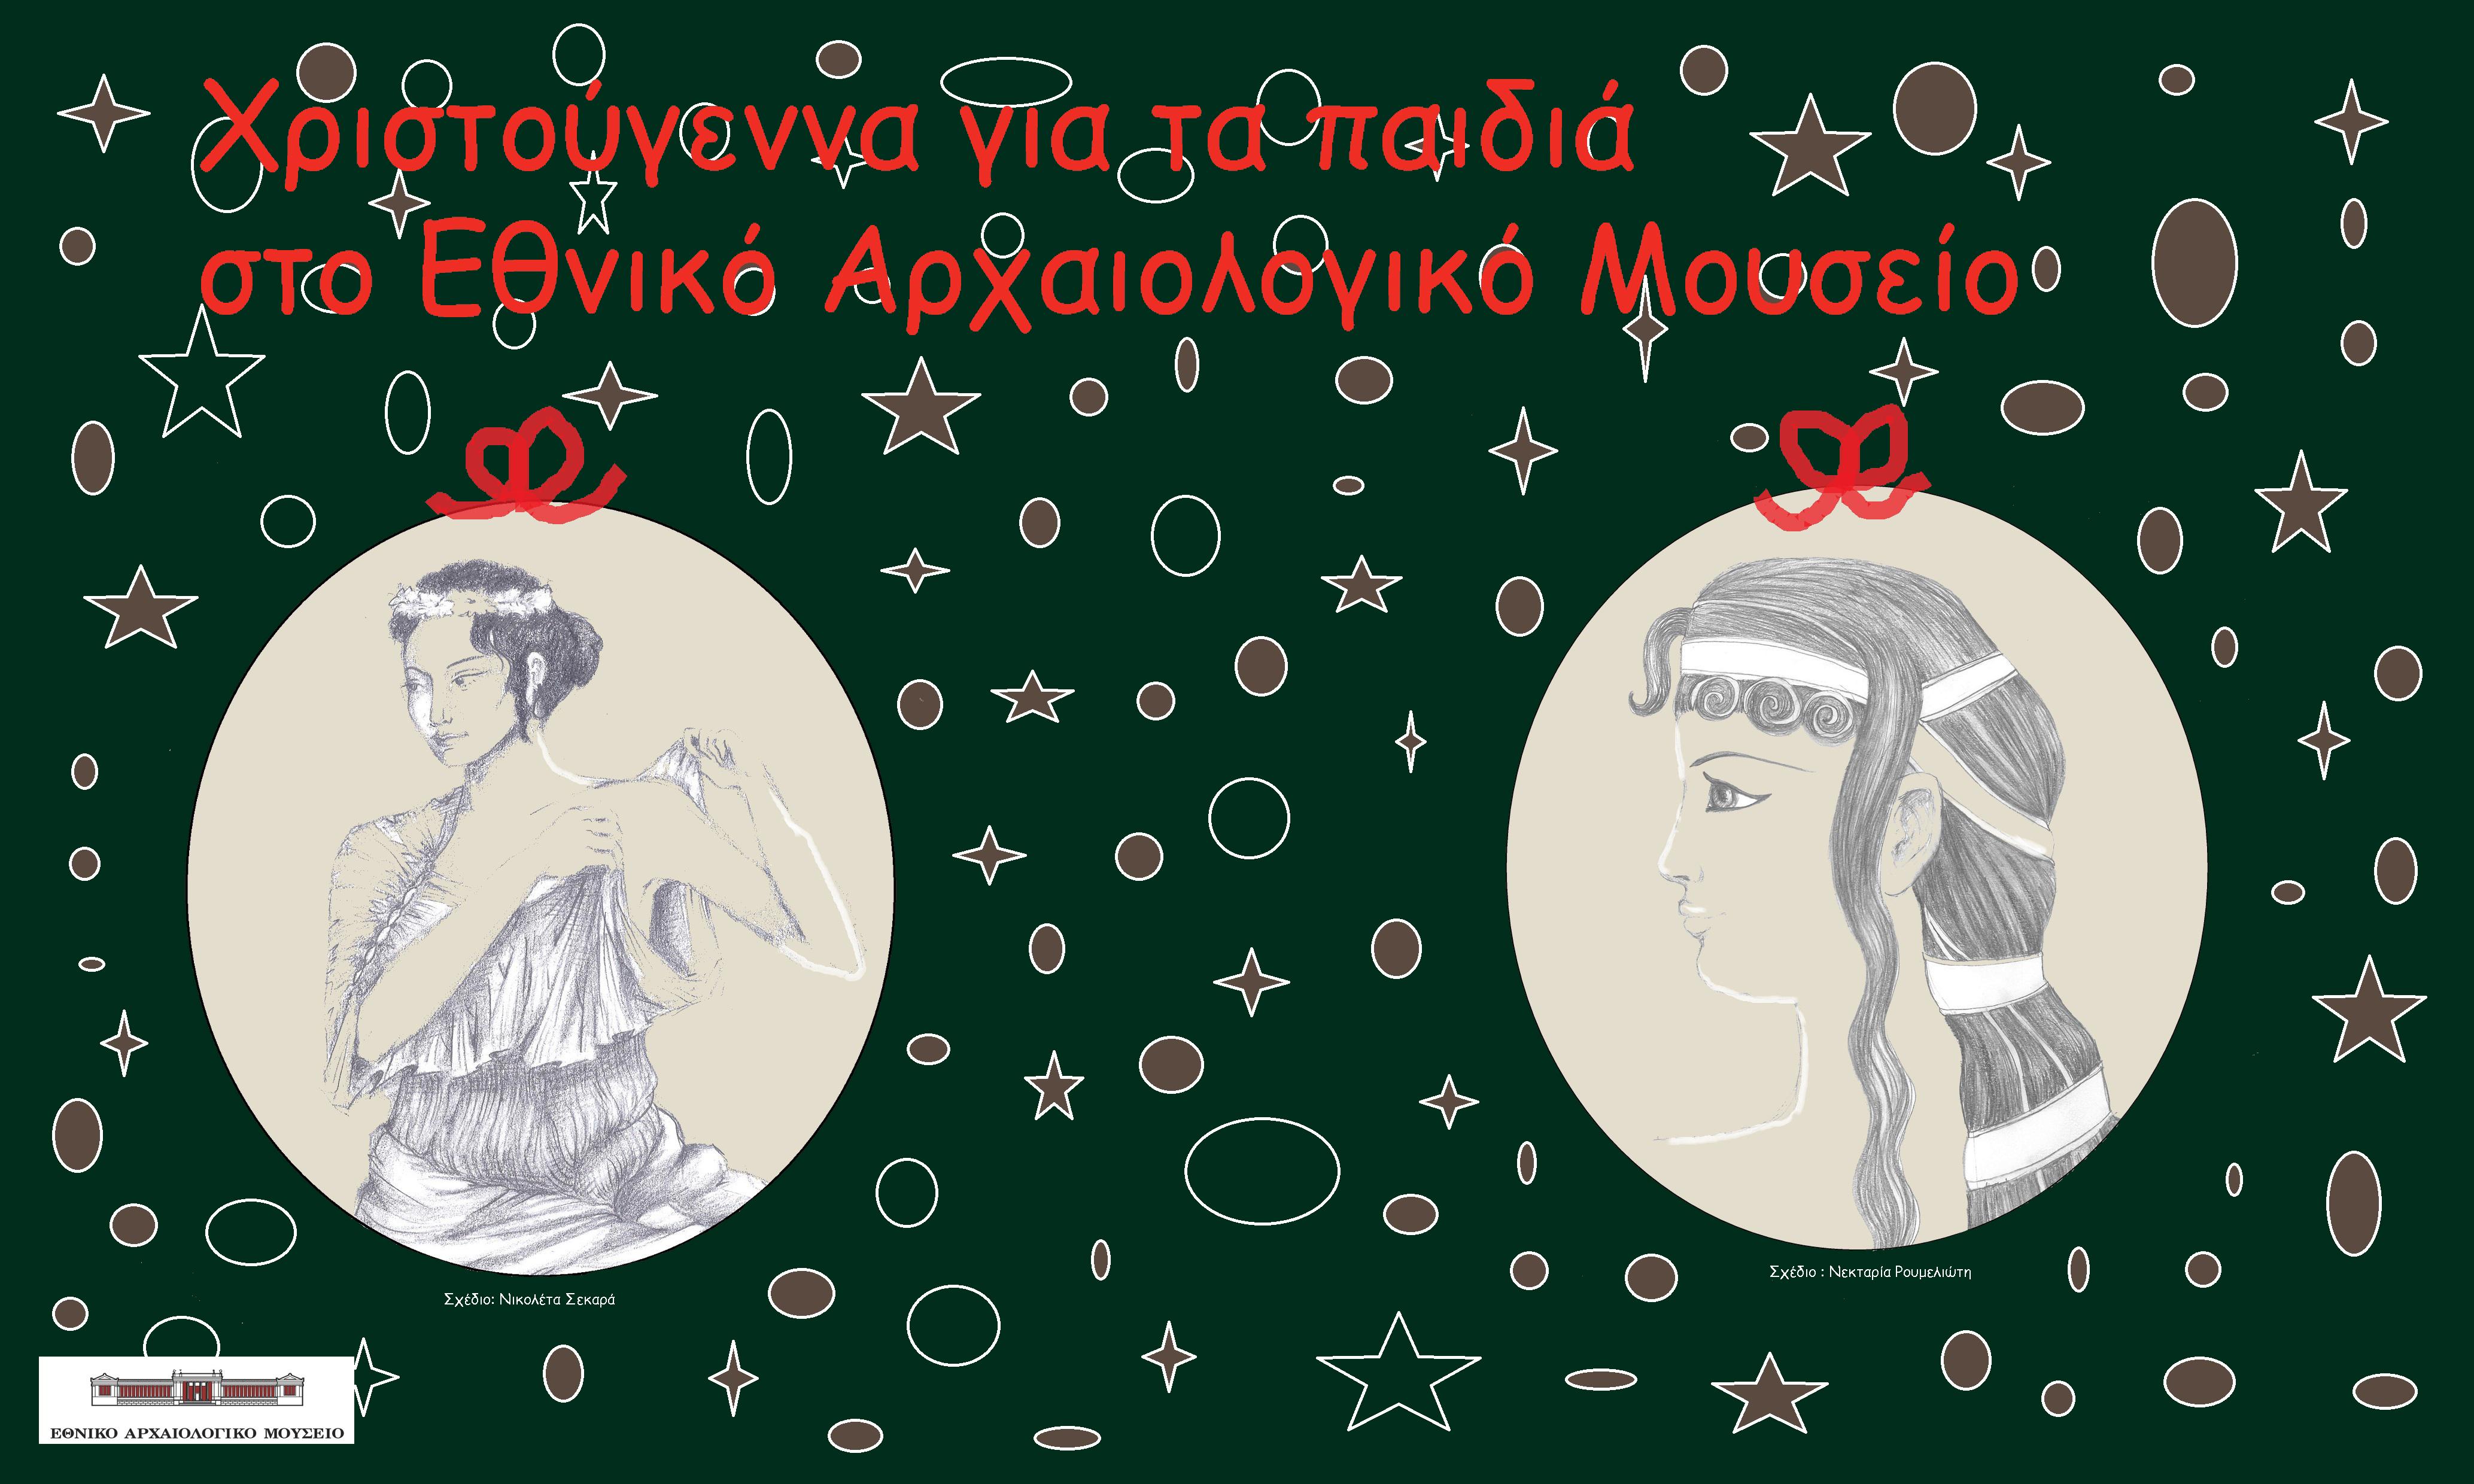 ΕΙΚ 2 ΧΡΙΣΤΟΥΓΕΝΝΑ ΕΑΜ